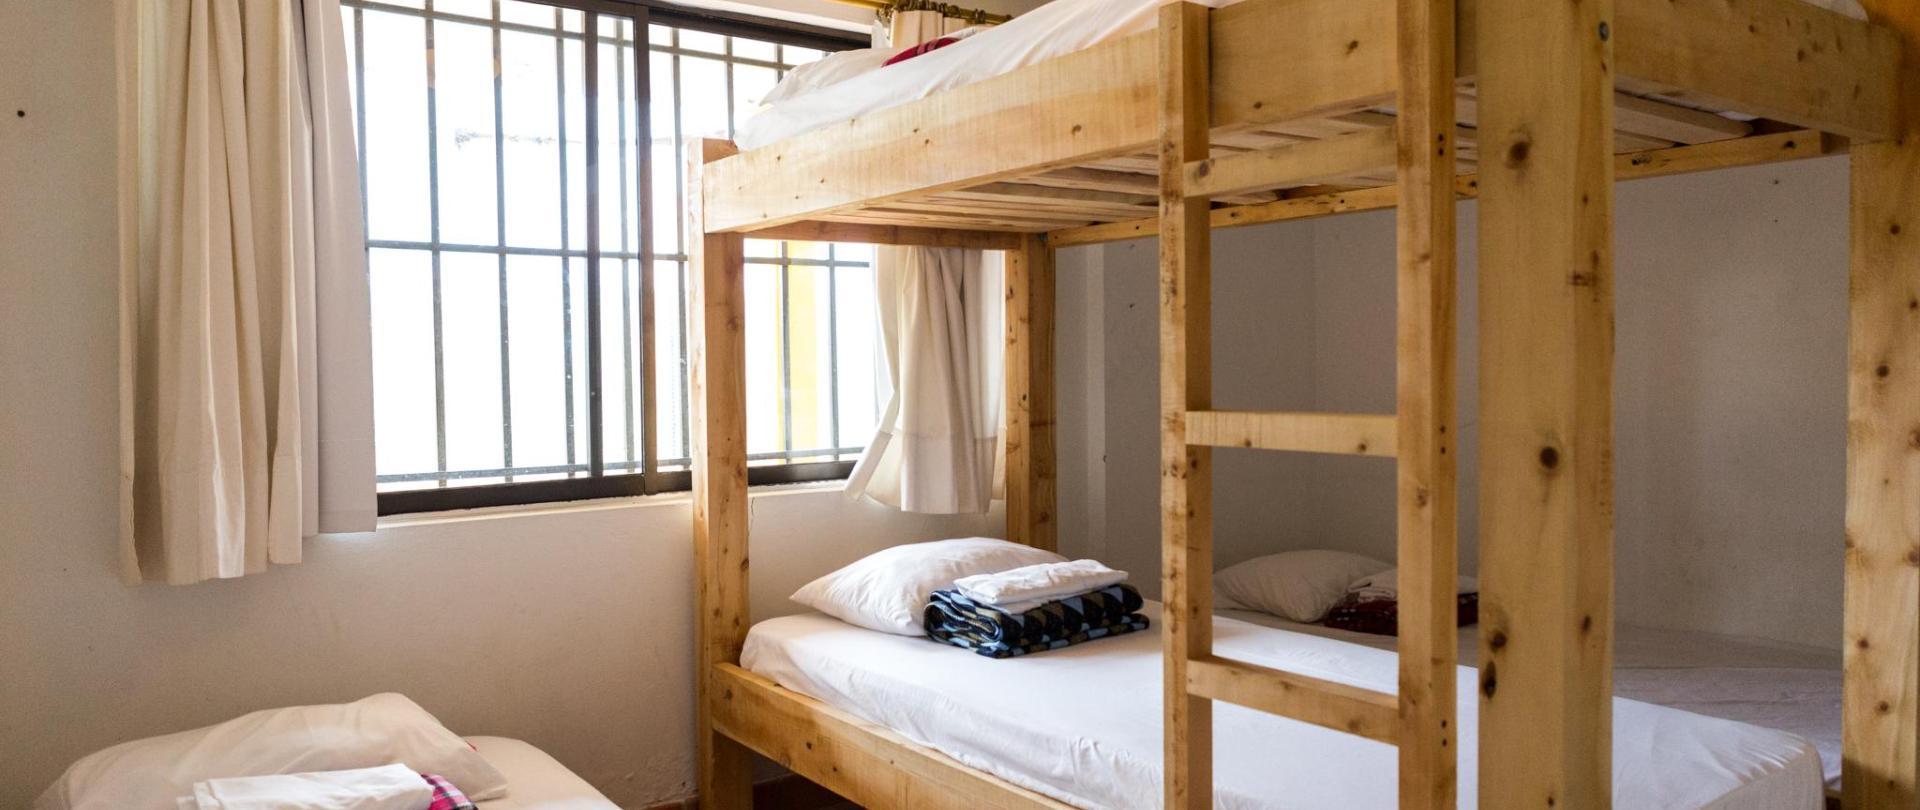 Galería Guatape habitaciones -2.jpg